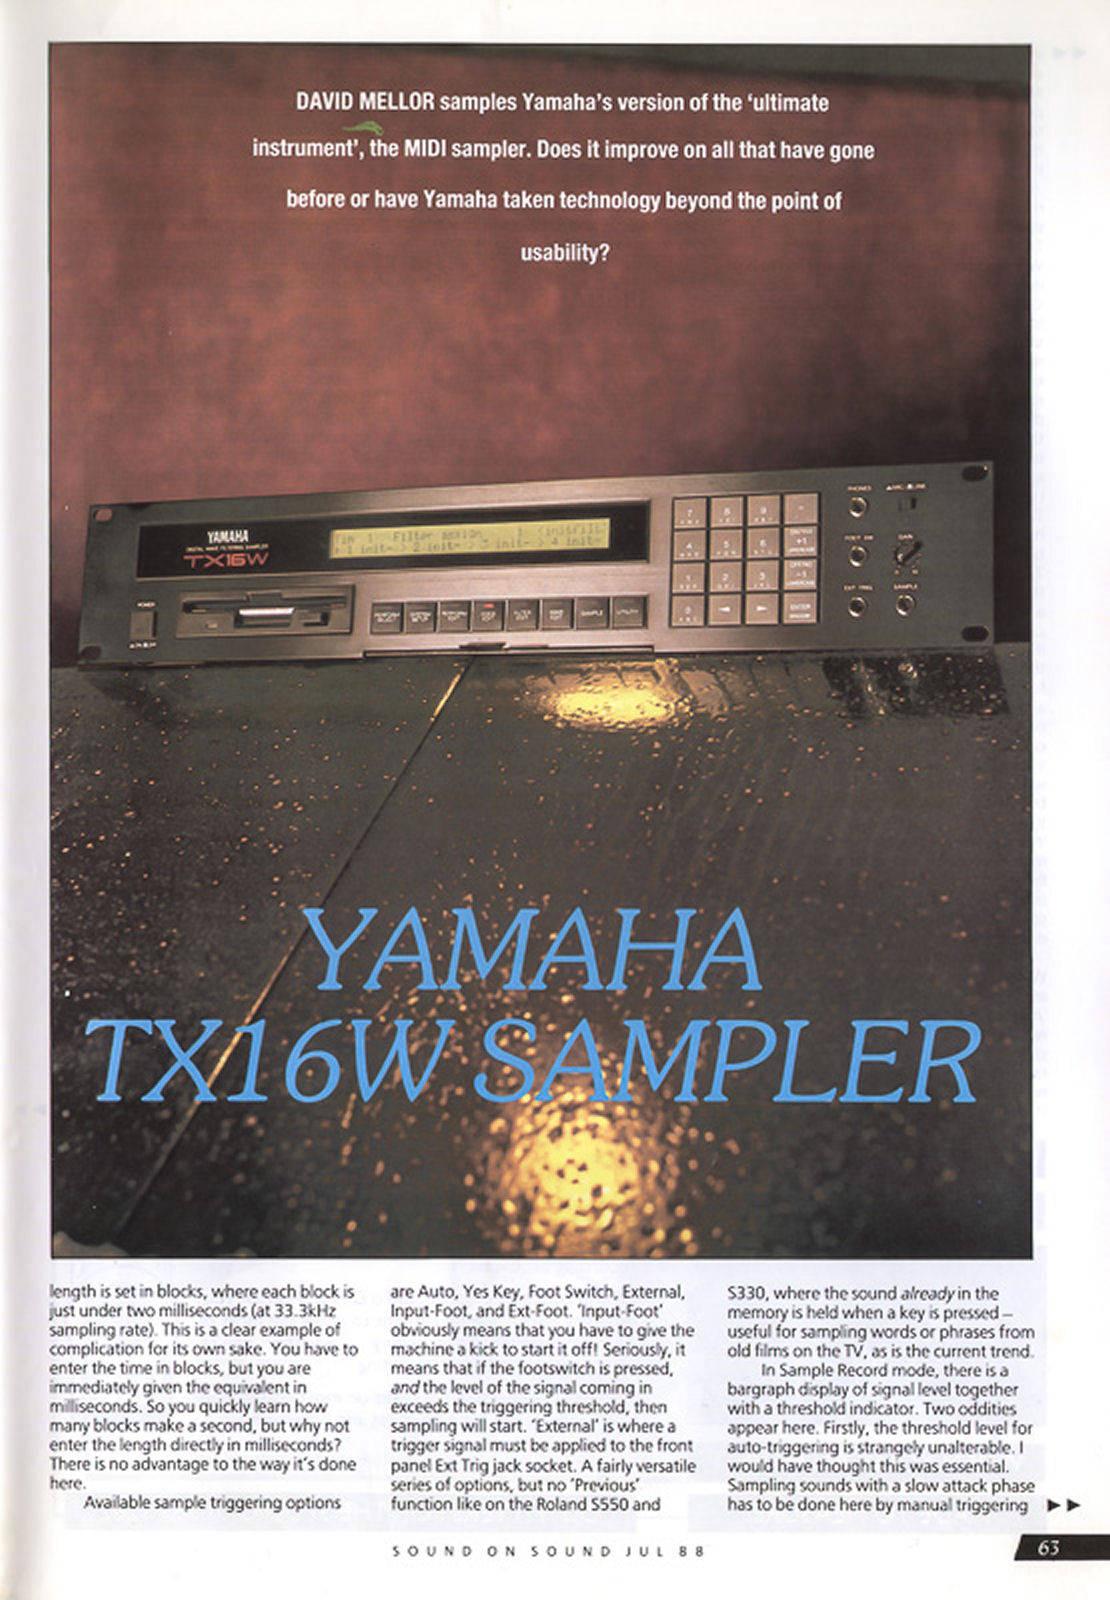 Yamaha TX16W